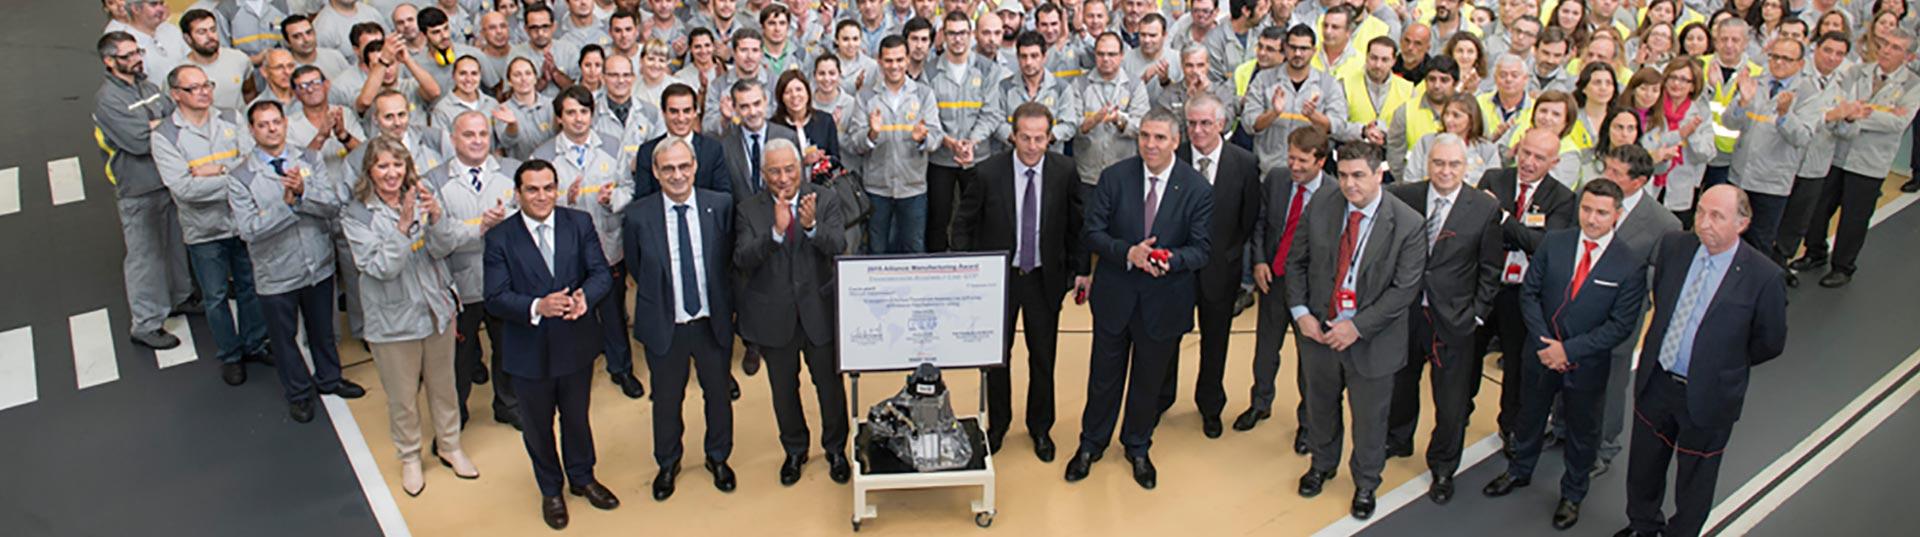 Fábrica Renault Cacia